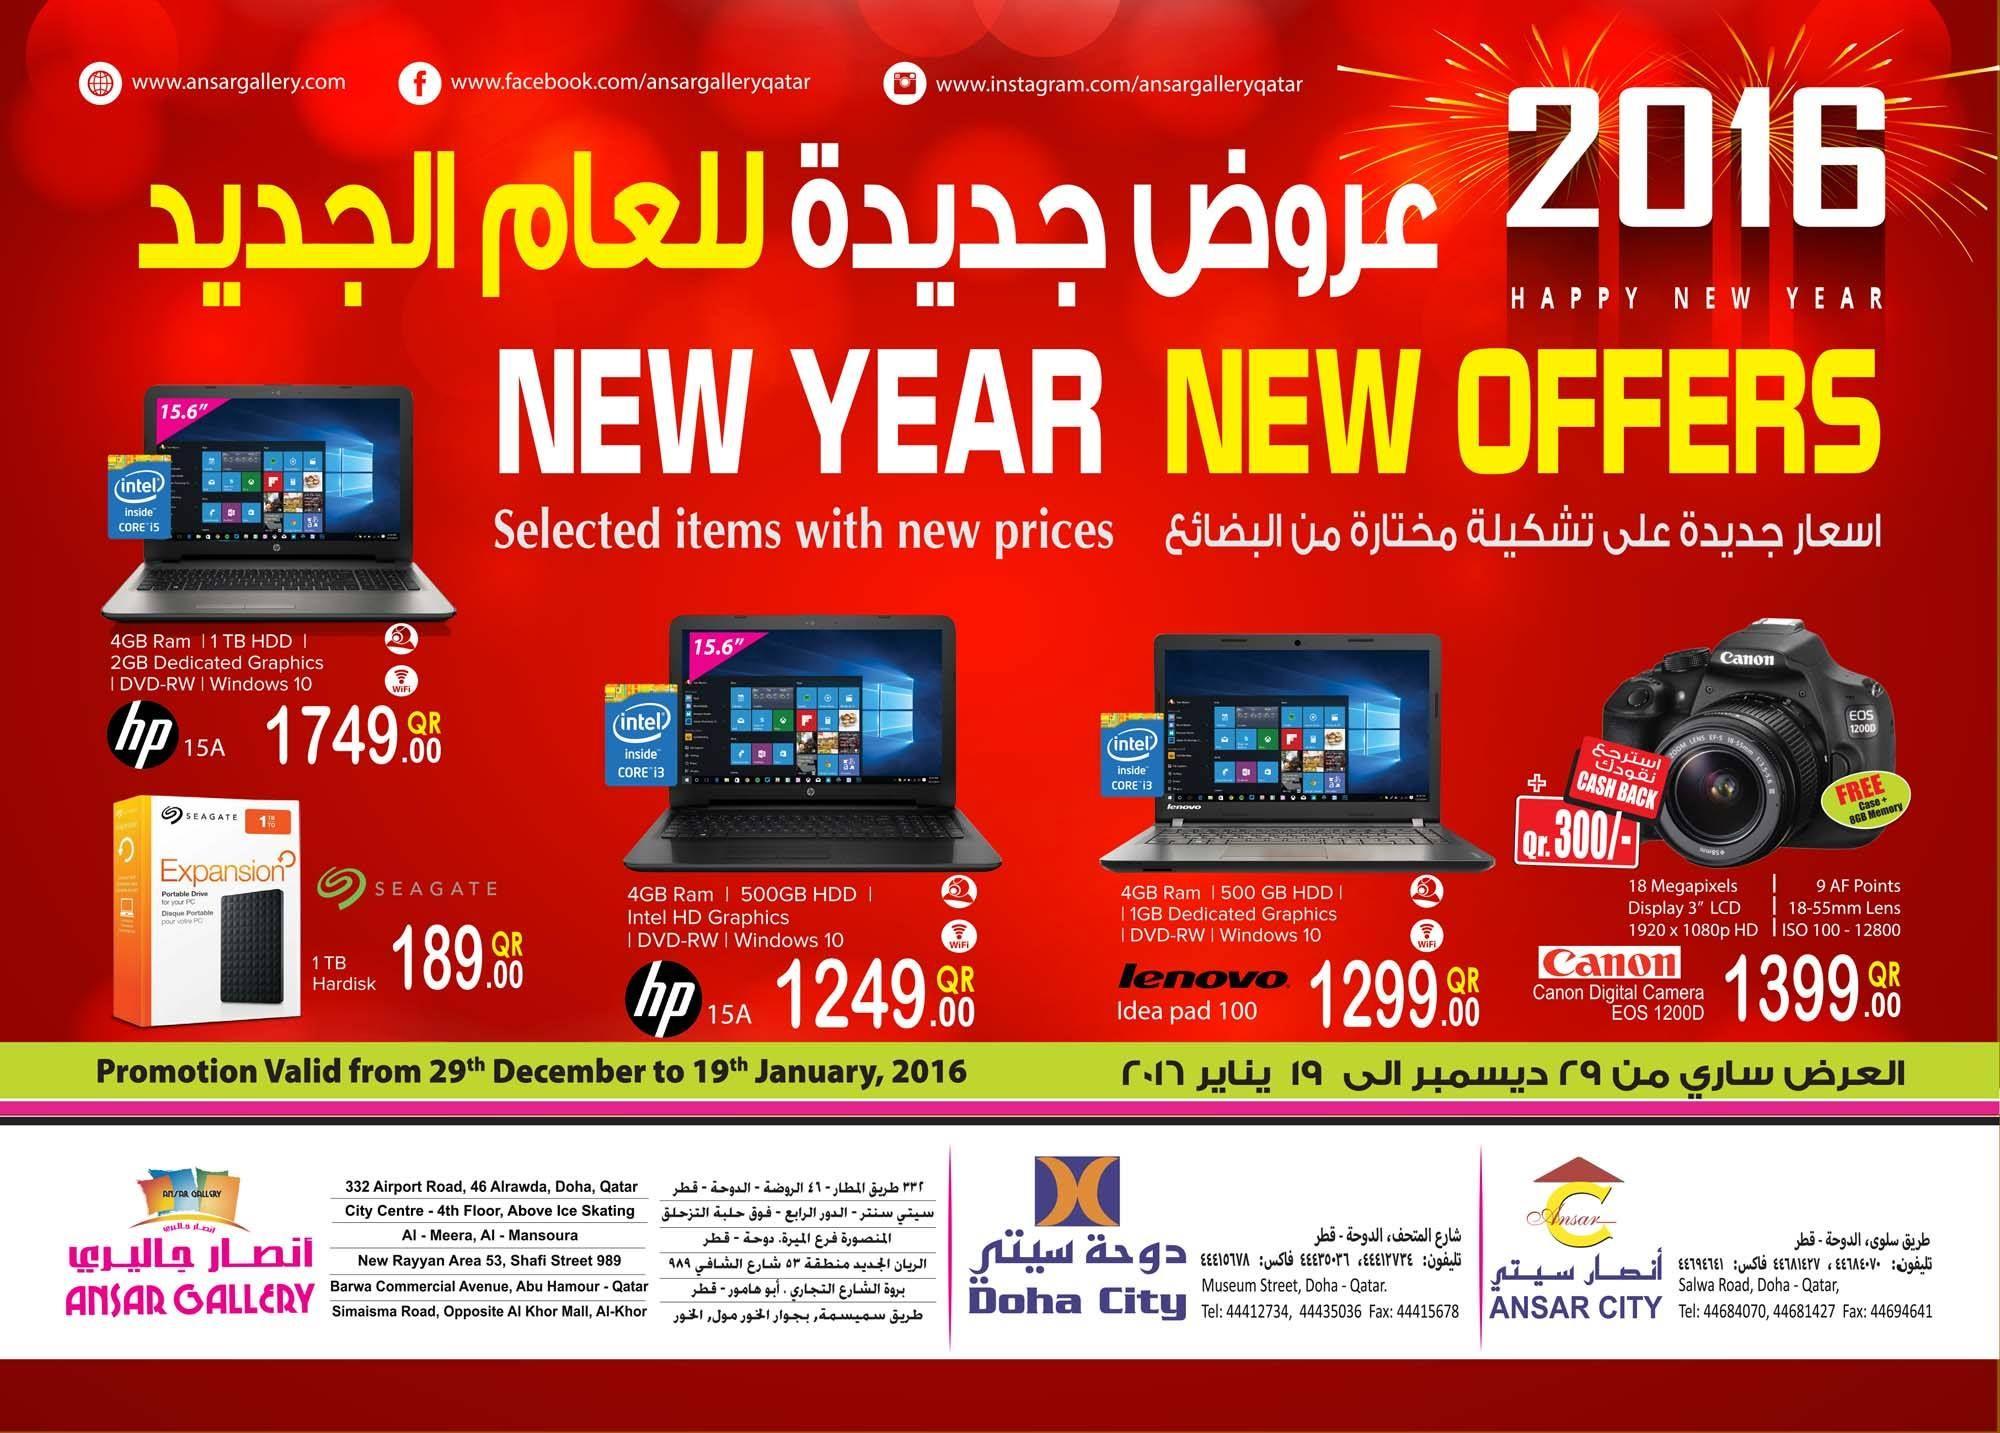 أنصار جاليرى قطر عروض 29 ديسمبر 2015 حتي 19 يناير 2016 New Year New Offers Seagate 2ga Lenovo